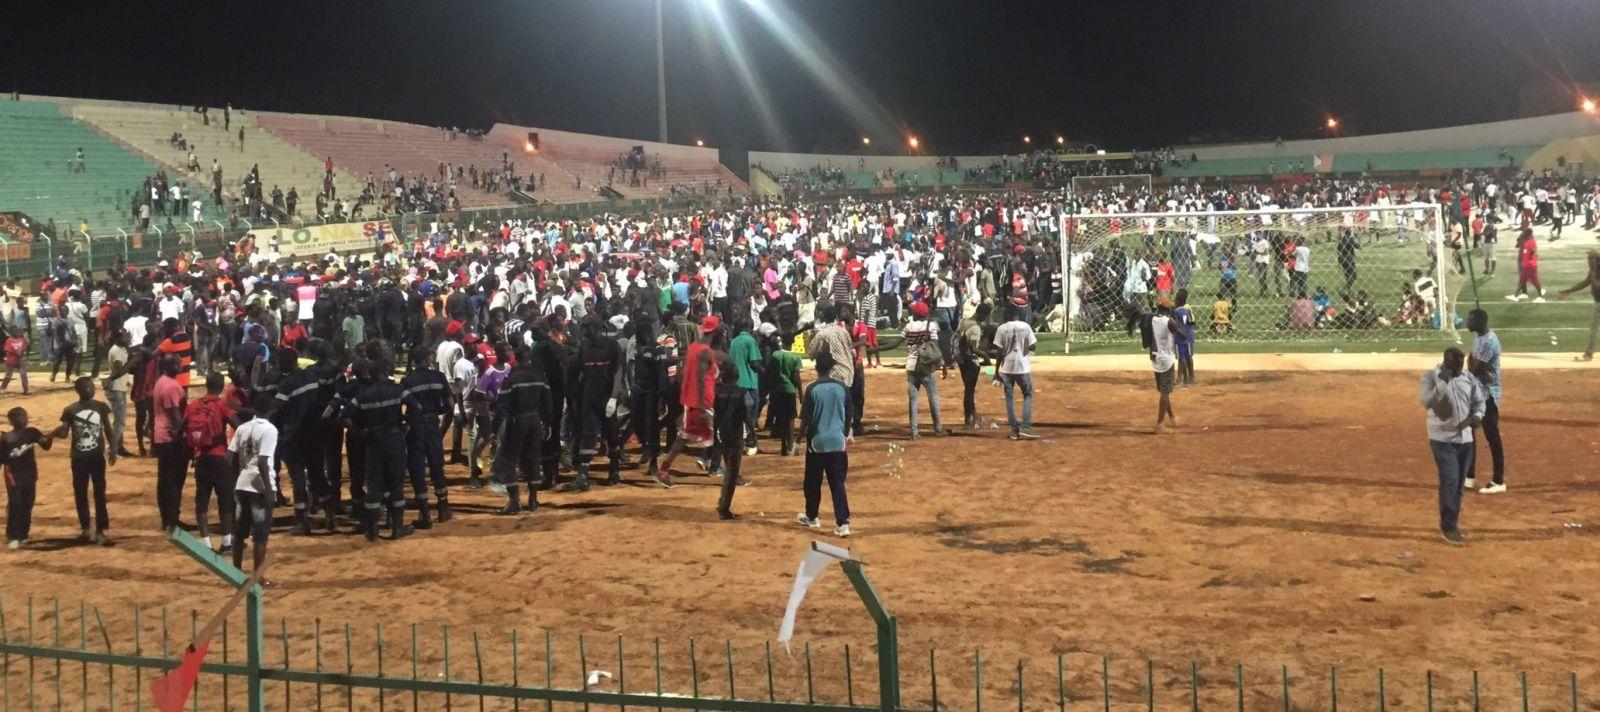 Drame du stade Demba Diop : les 10 jeunes de Ouakam vers une Chambre criminelle